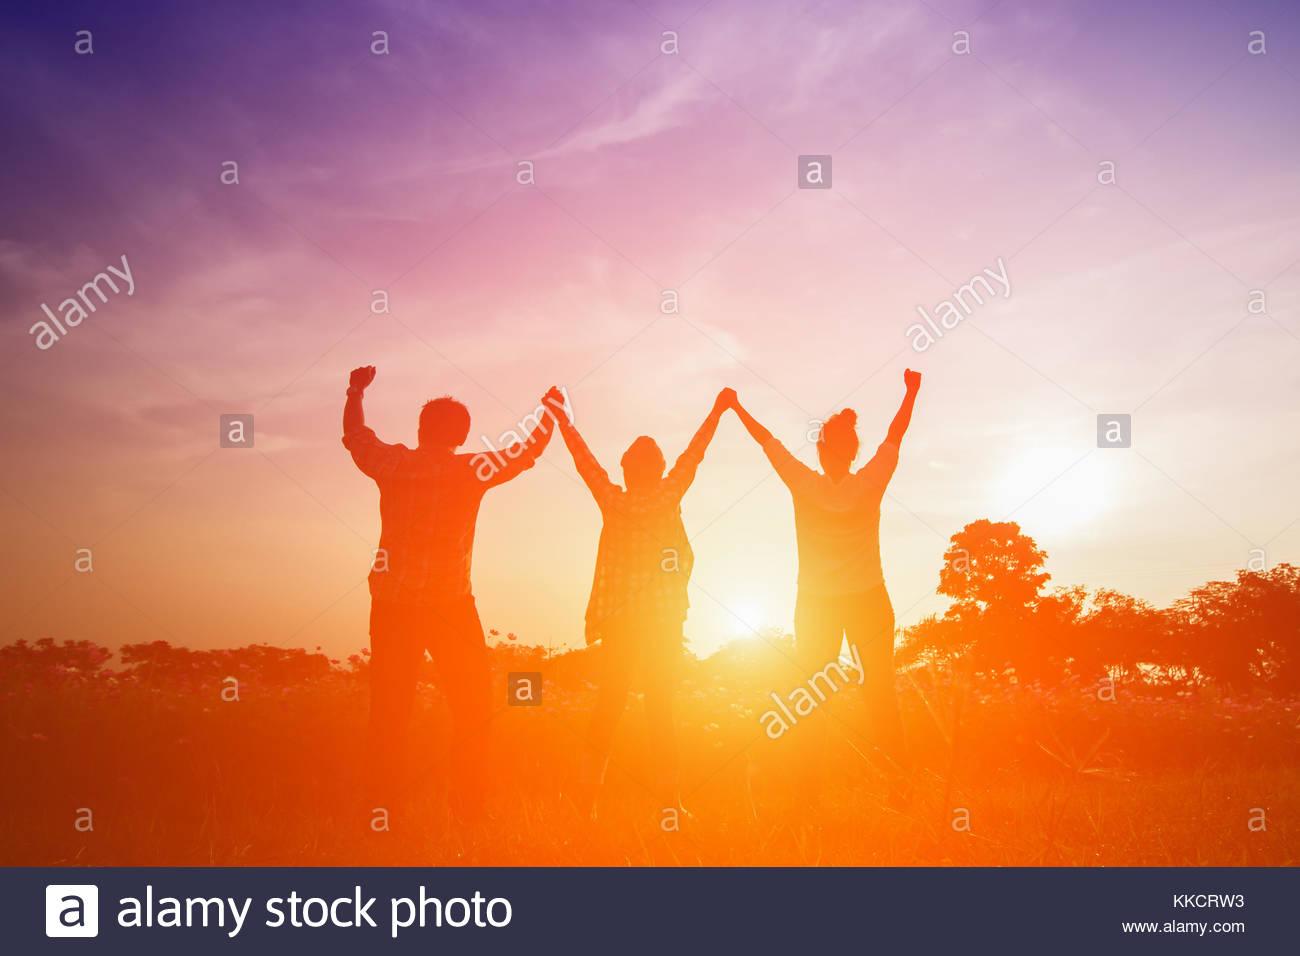 Silhouette Bild Der Glucklichen Familie Hohe Hande Im Sonnenuntergang Des Jungen Mann Und